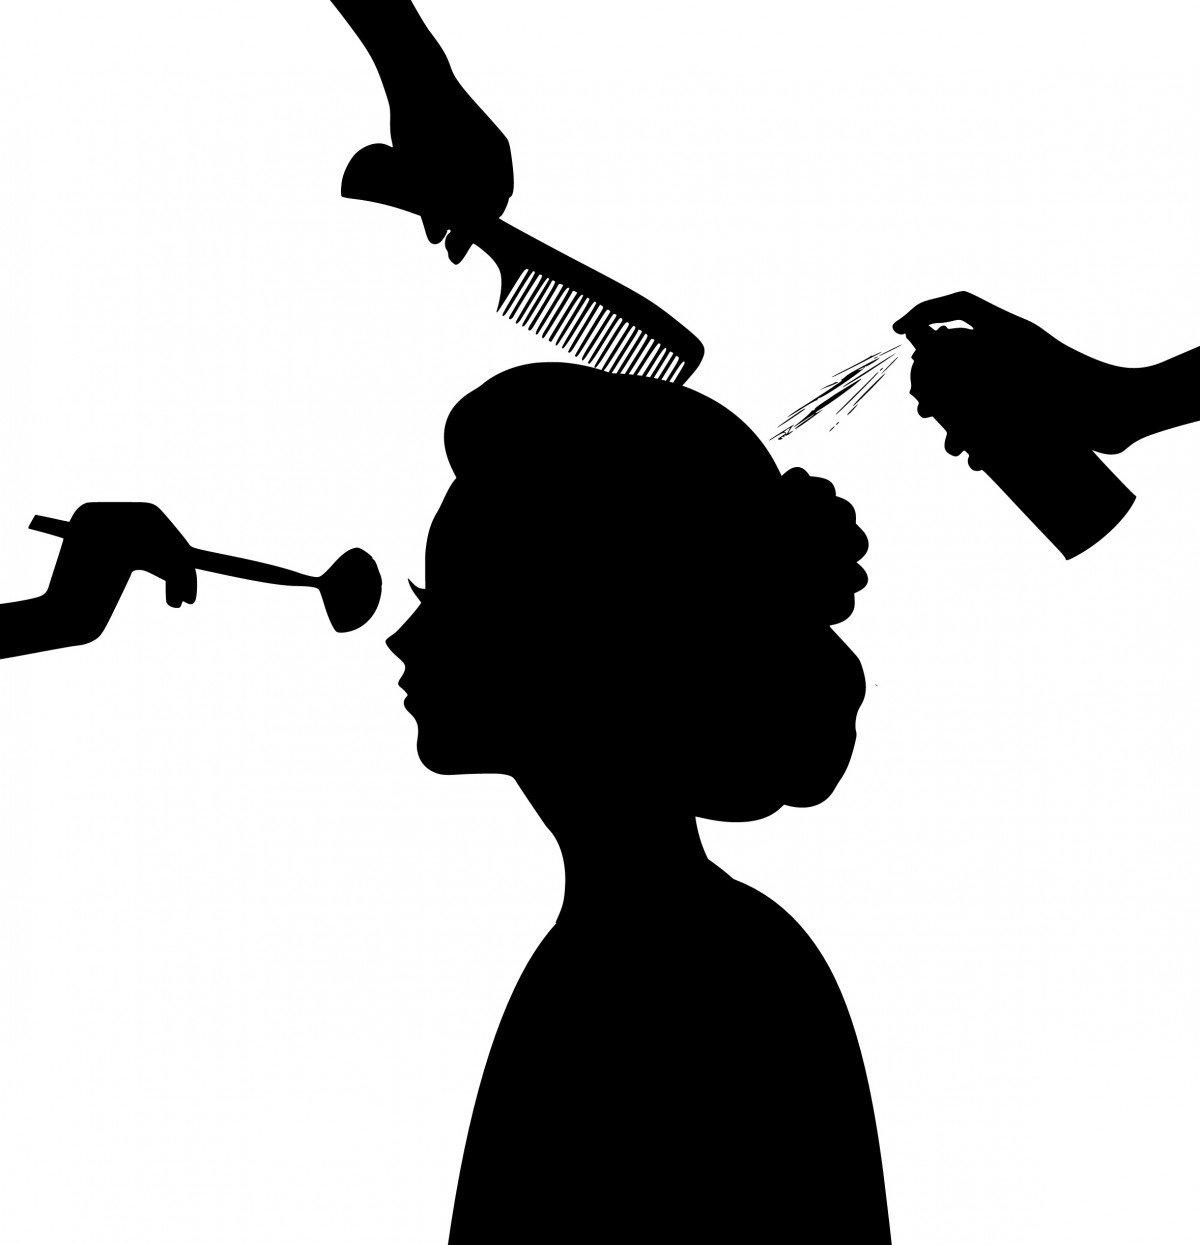 Fisioterapia psicoterapia hairdresser